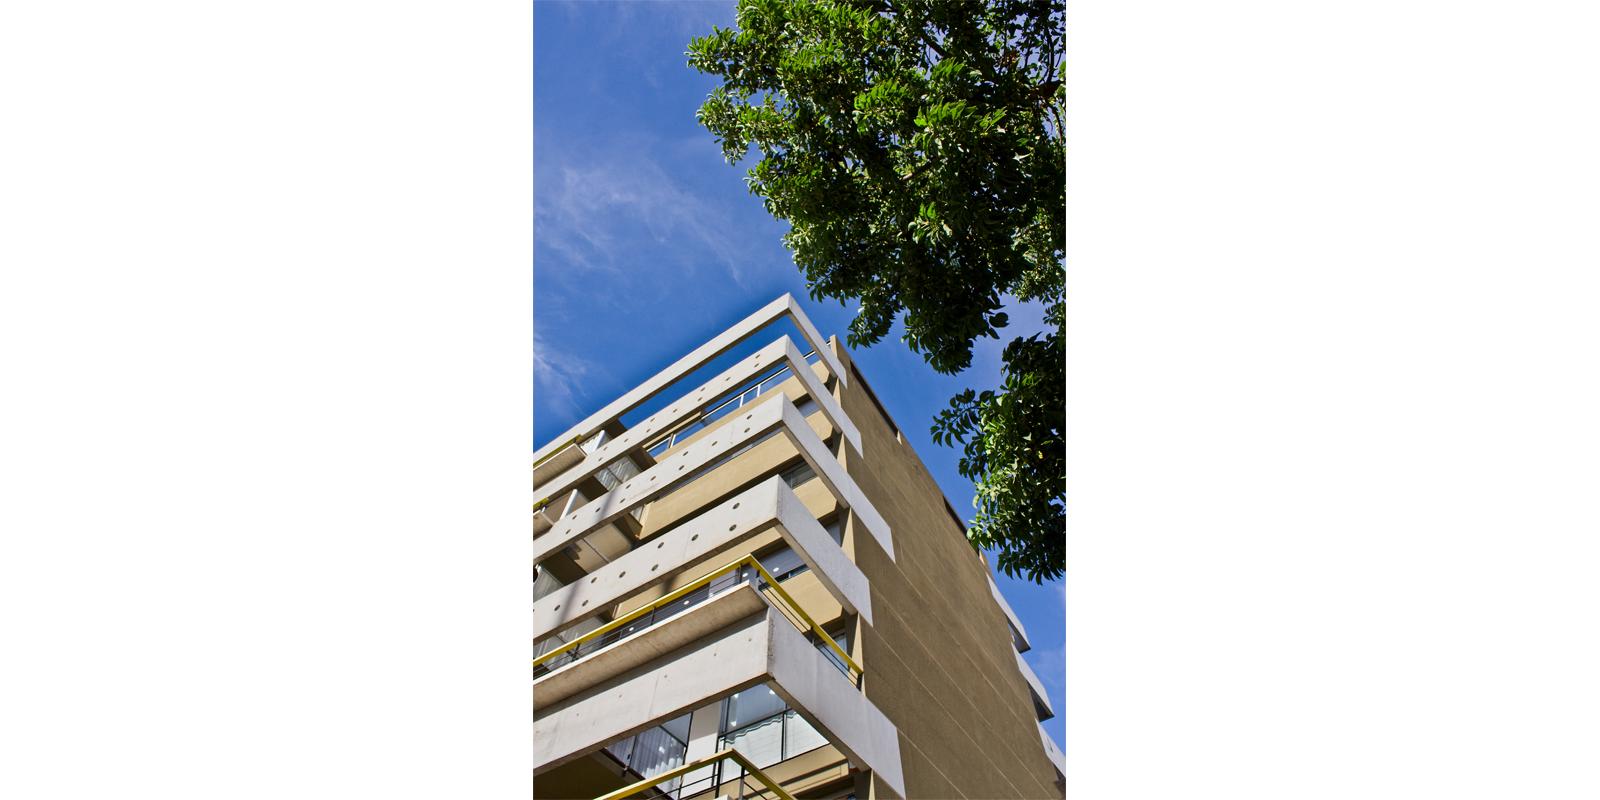 ProyectoC_Arquitectos_Portfolio_03_Alberdi